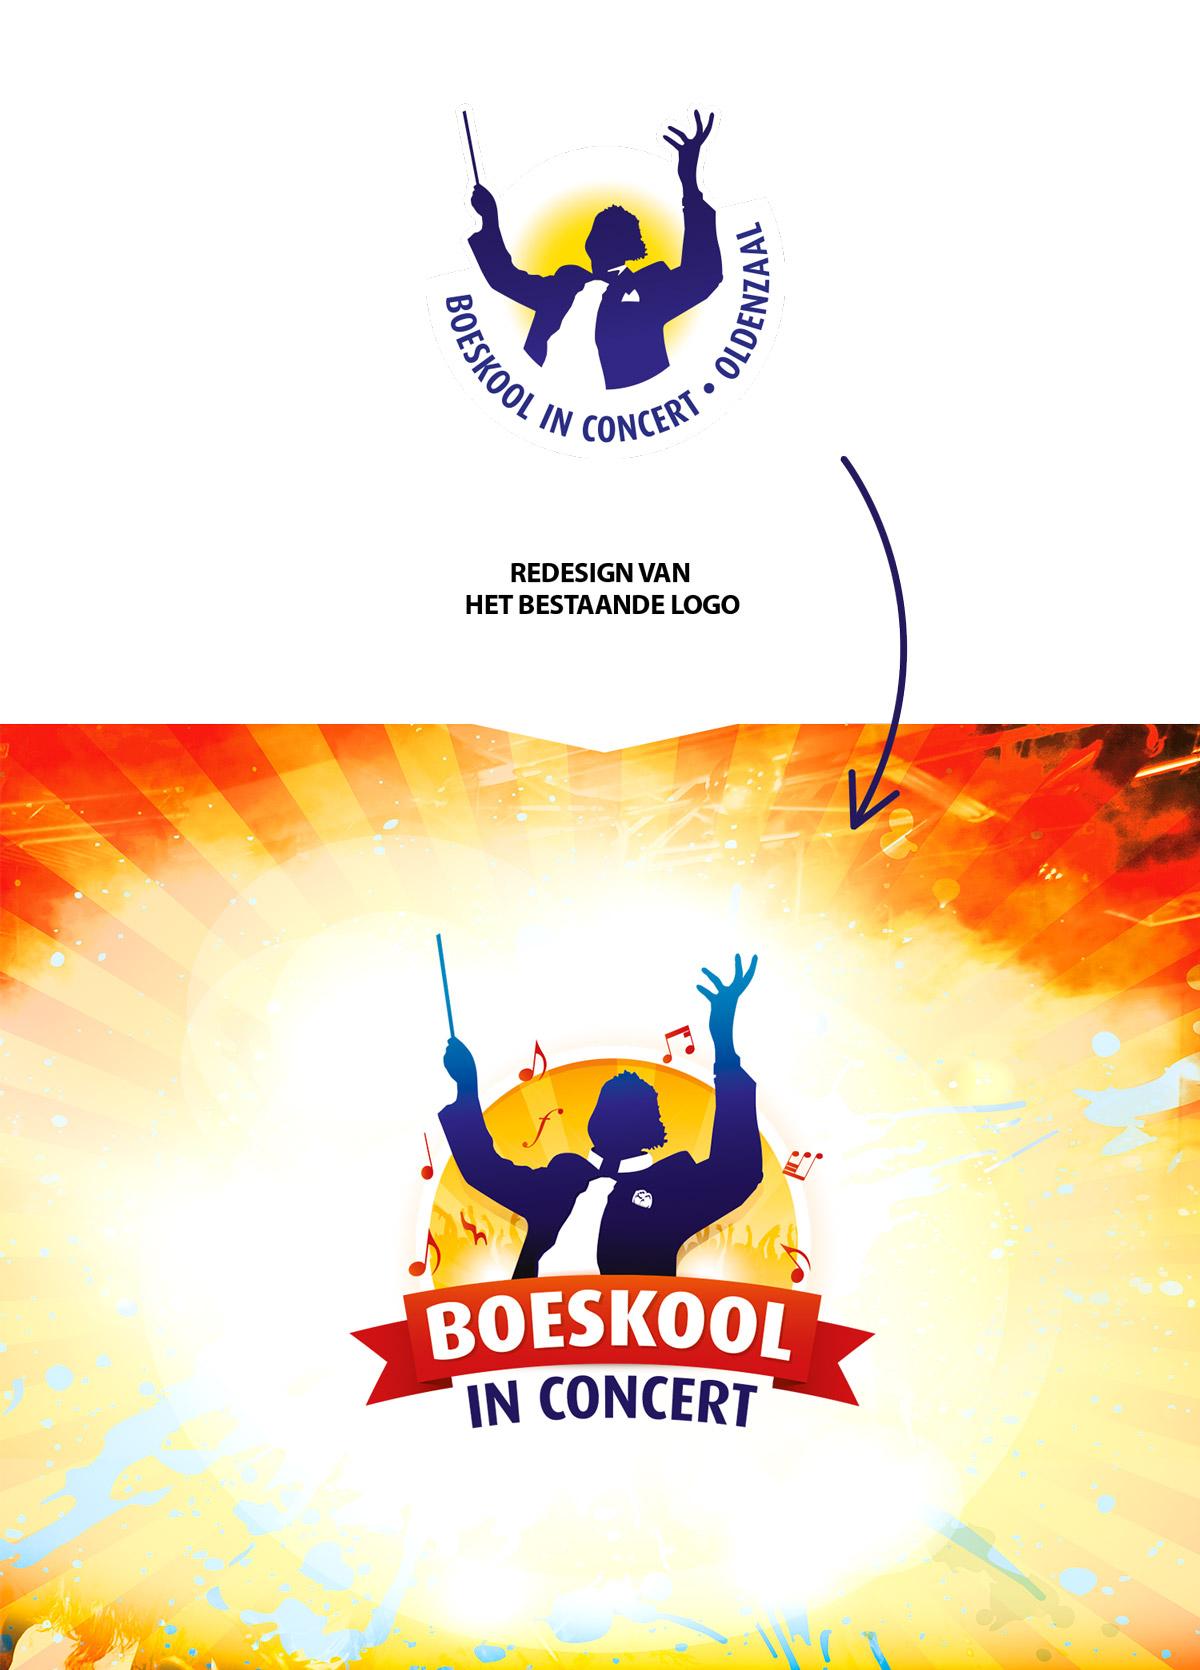 Nieuw logo voor boeskool in concert oldenzaal, Boeskool design deel #1